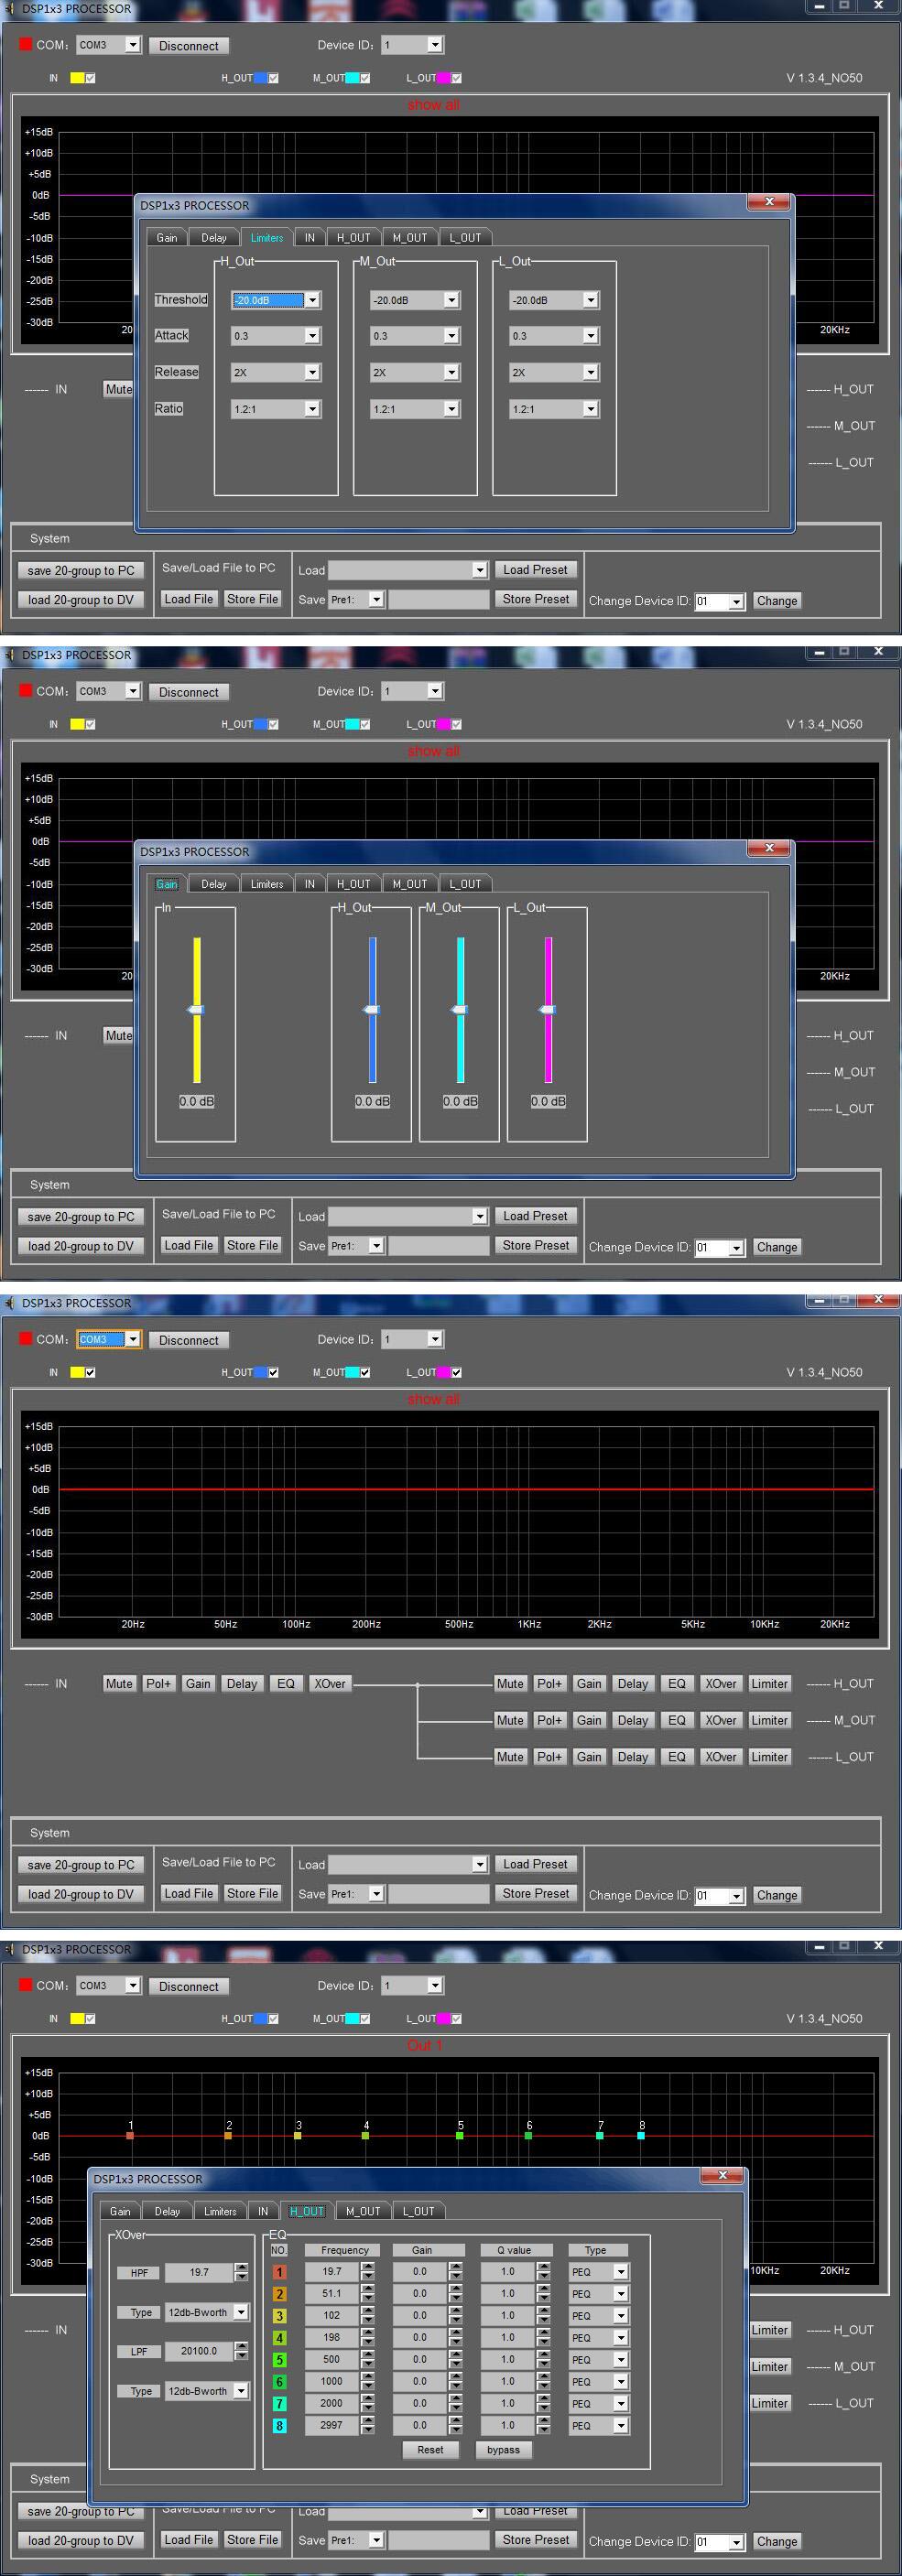 D3 software